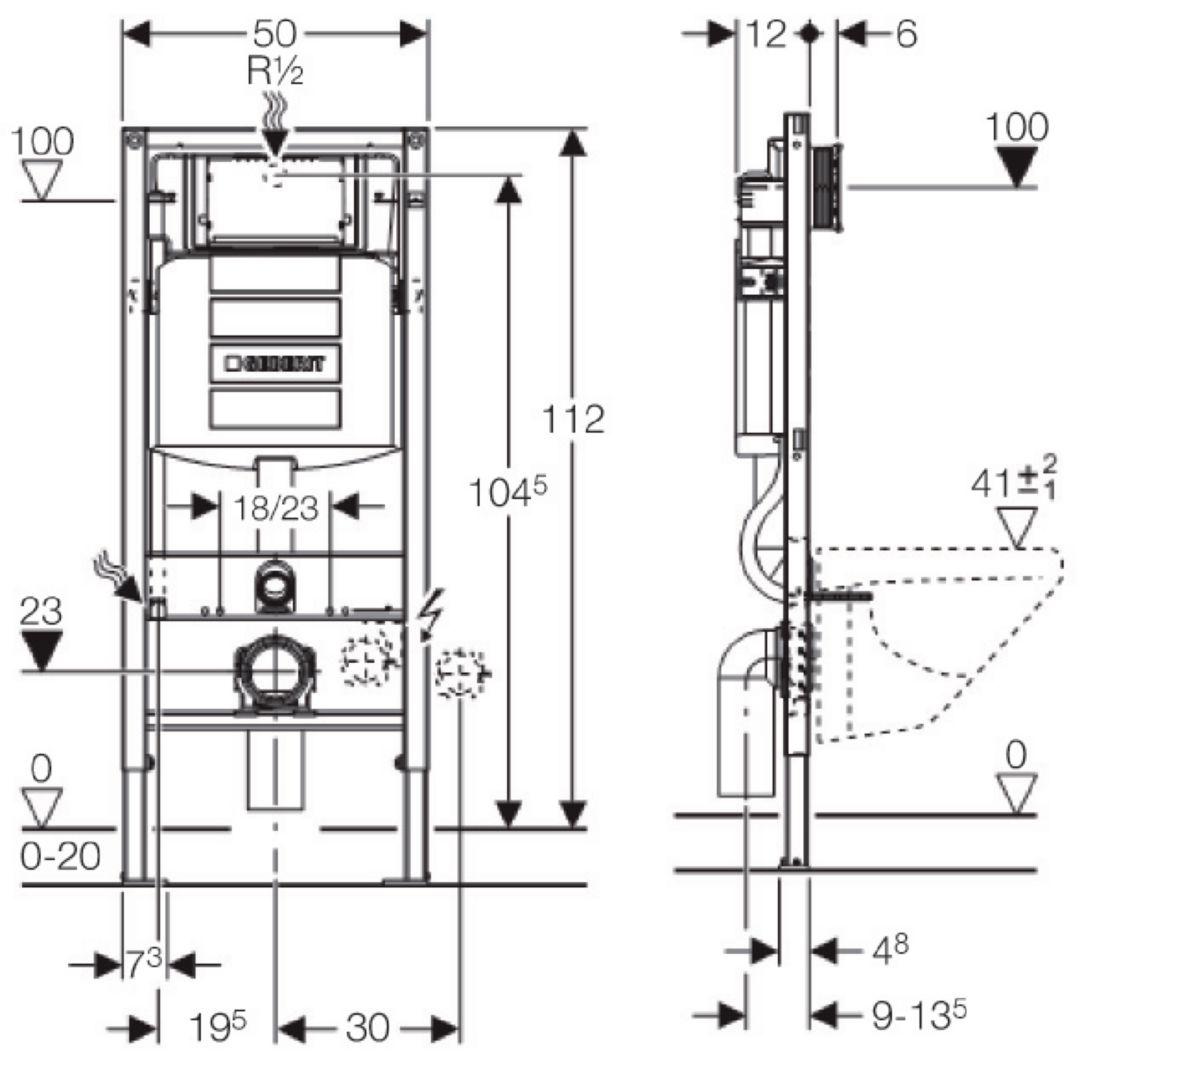 Largeur Wc Suspendu Geberit bâti-support applique duofix plus up320 h : 112 cm réf. 111303005